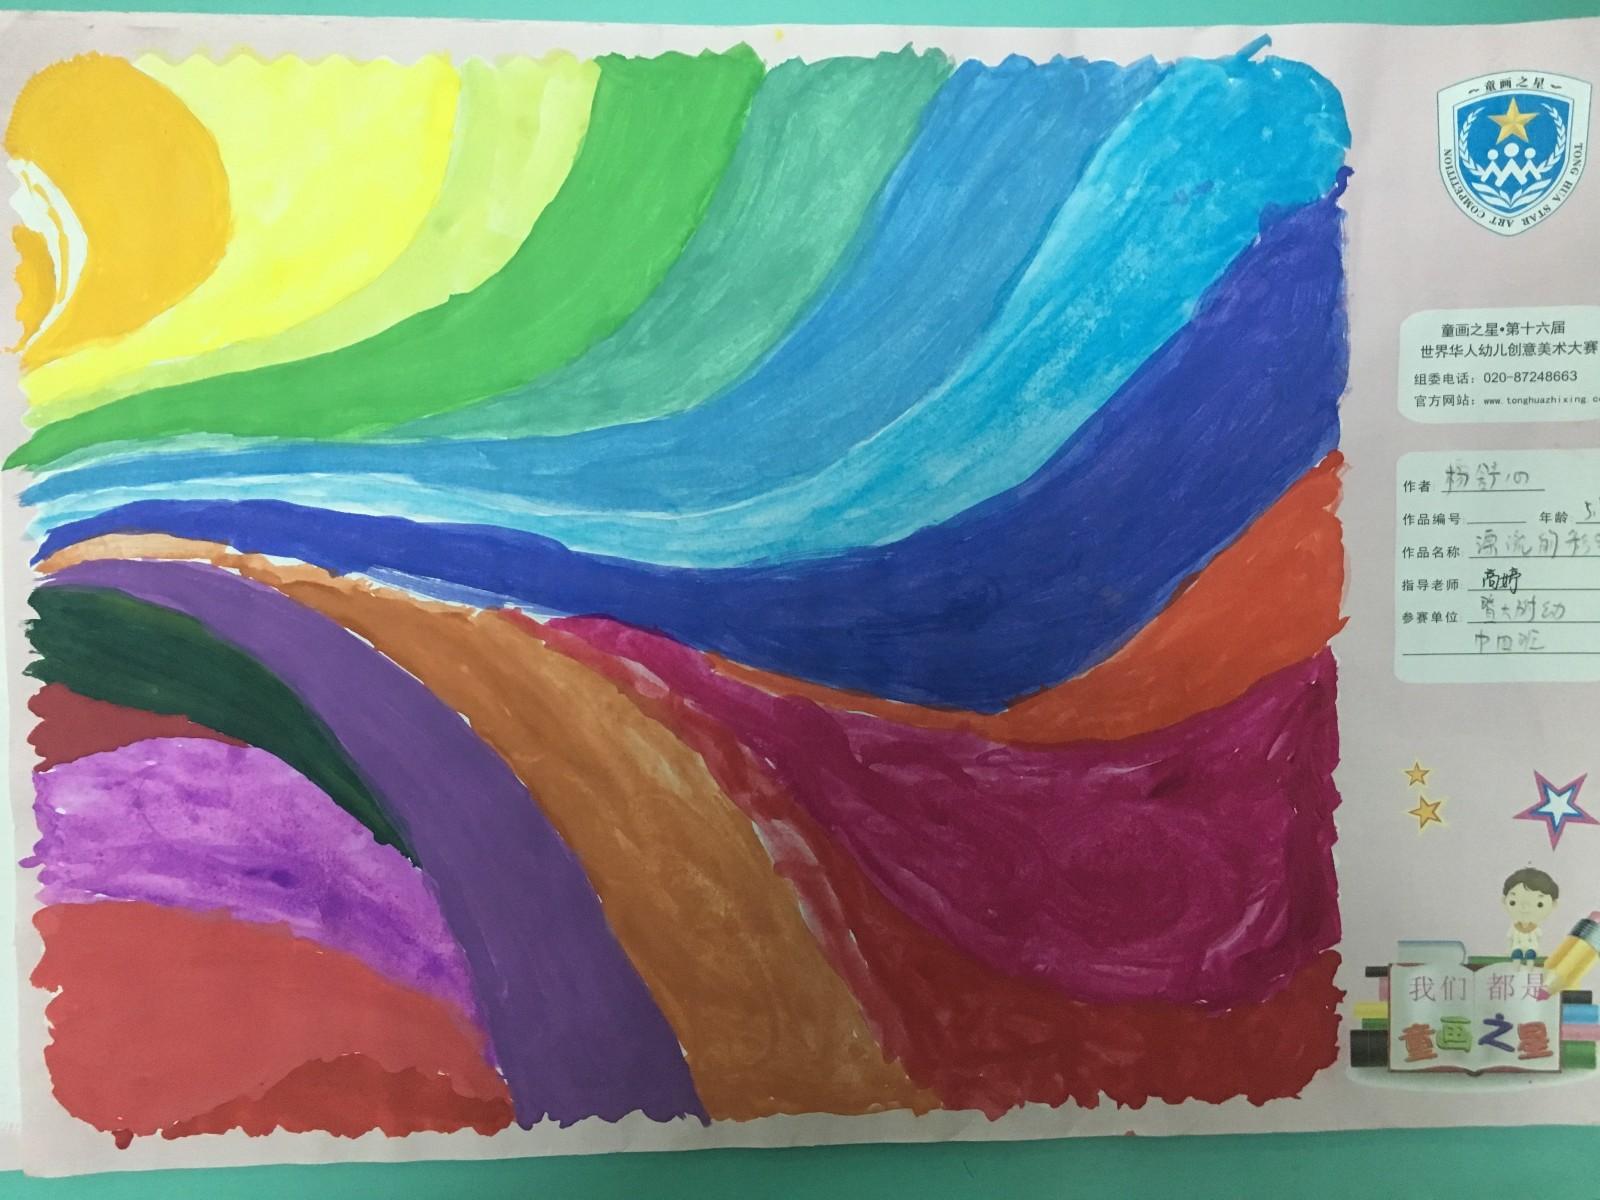 137号 杨舒心 《漂亮的彩虹》